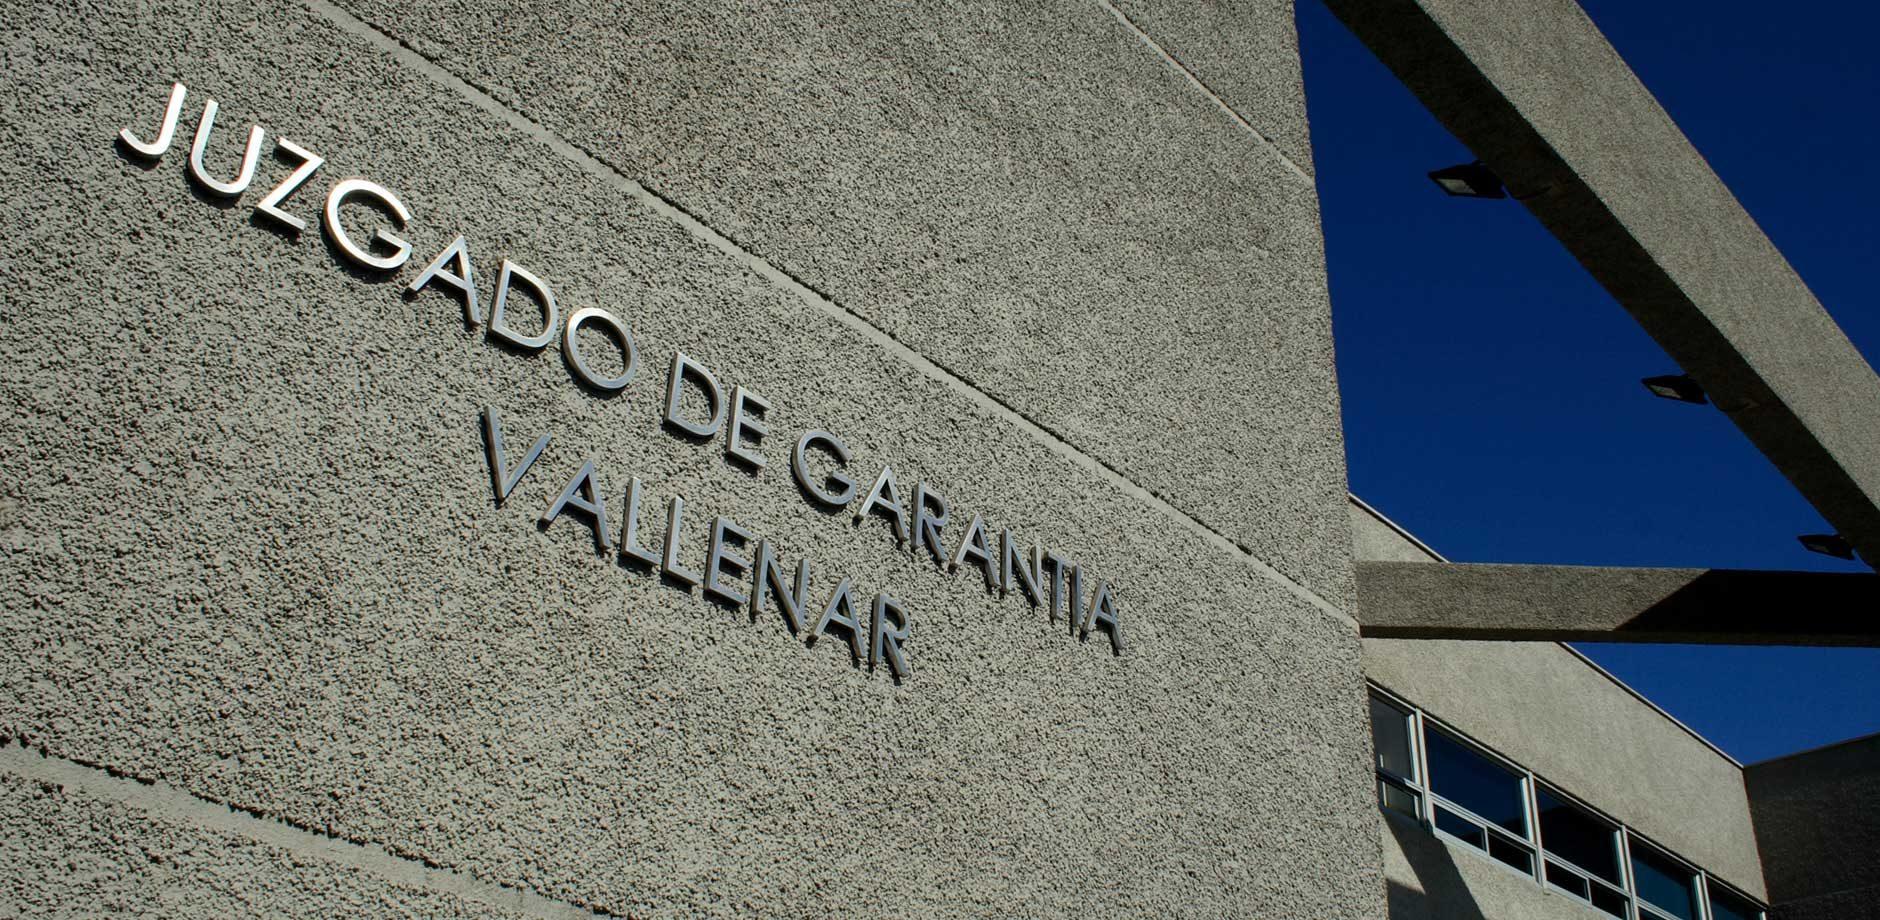 Juzgado de Garantía de Vallenar deja con arraigo nacional a consejera regional imputada por falsificación y uso malicioso de documento público